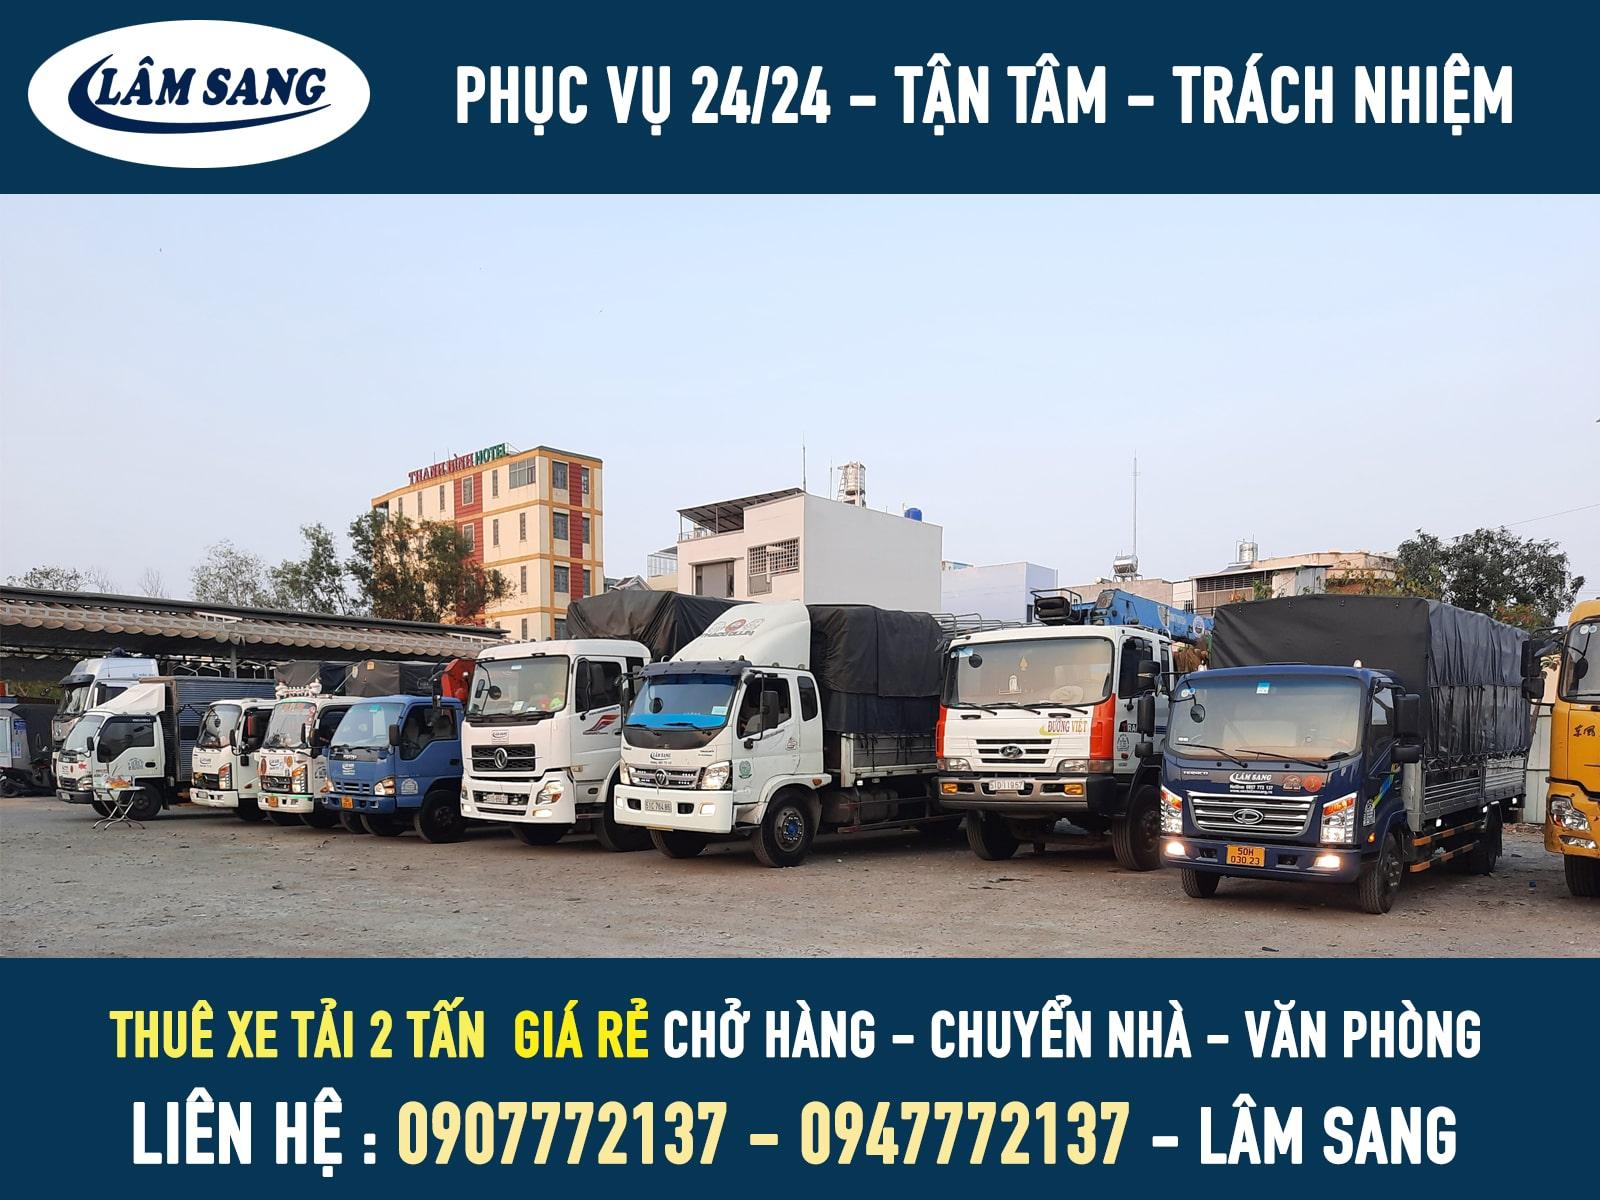 Thuê xe tải 2 tấn giá rẻ tại tphcm - vận tải lâm sang